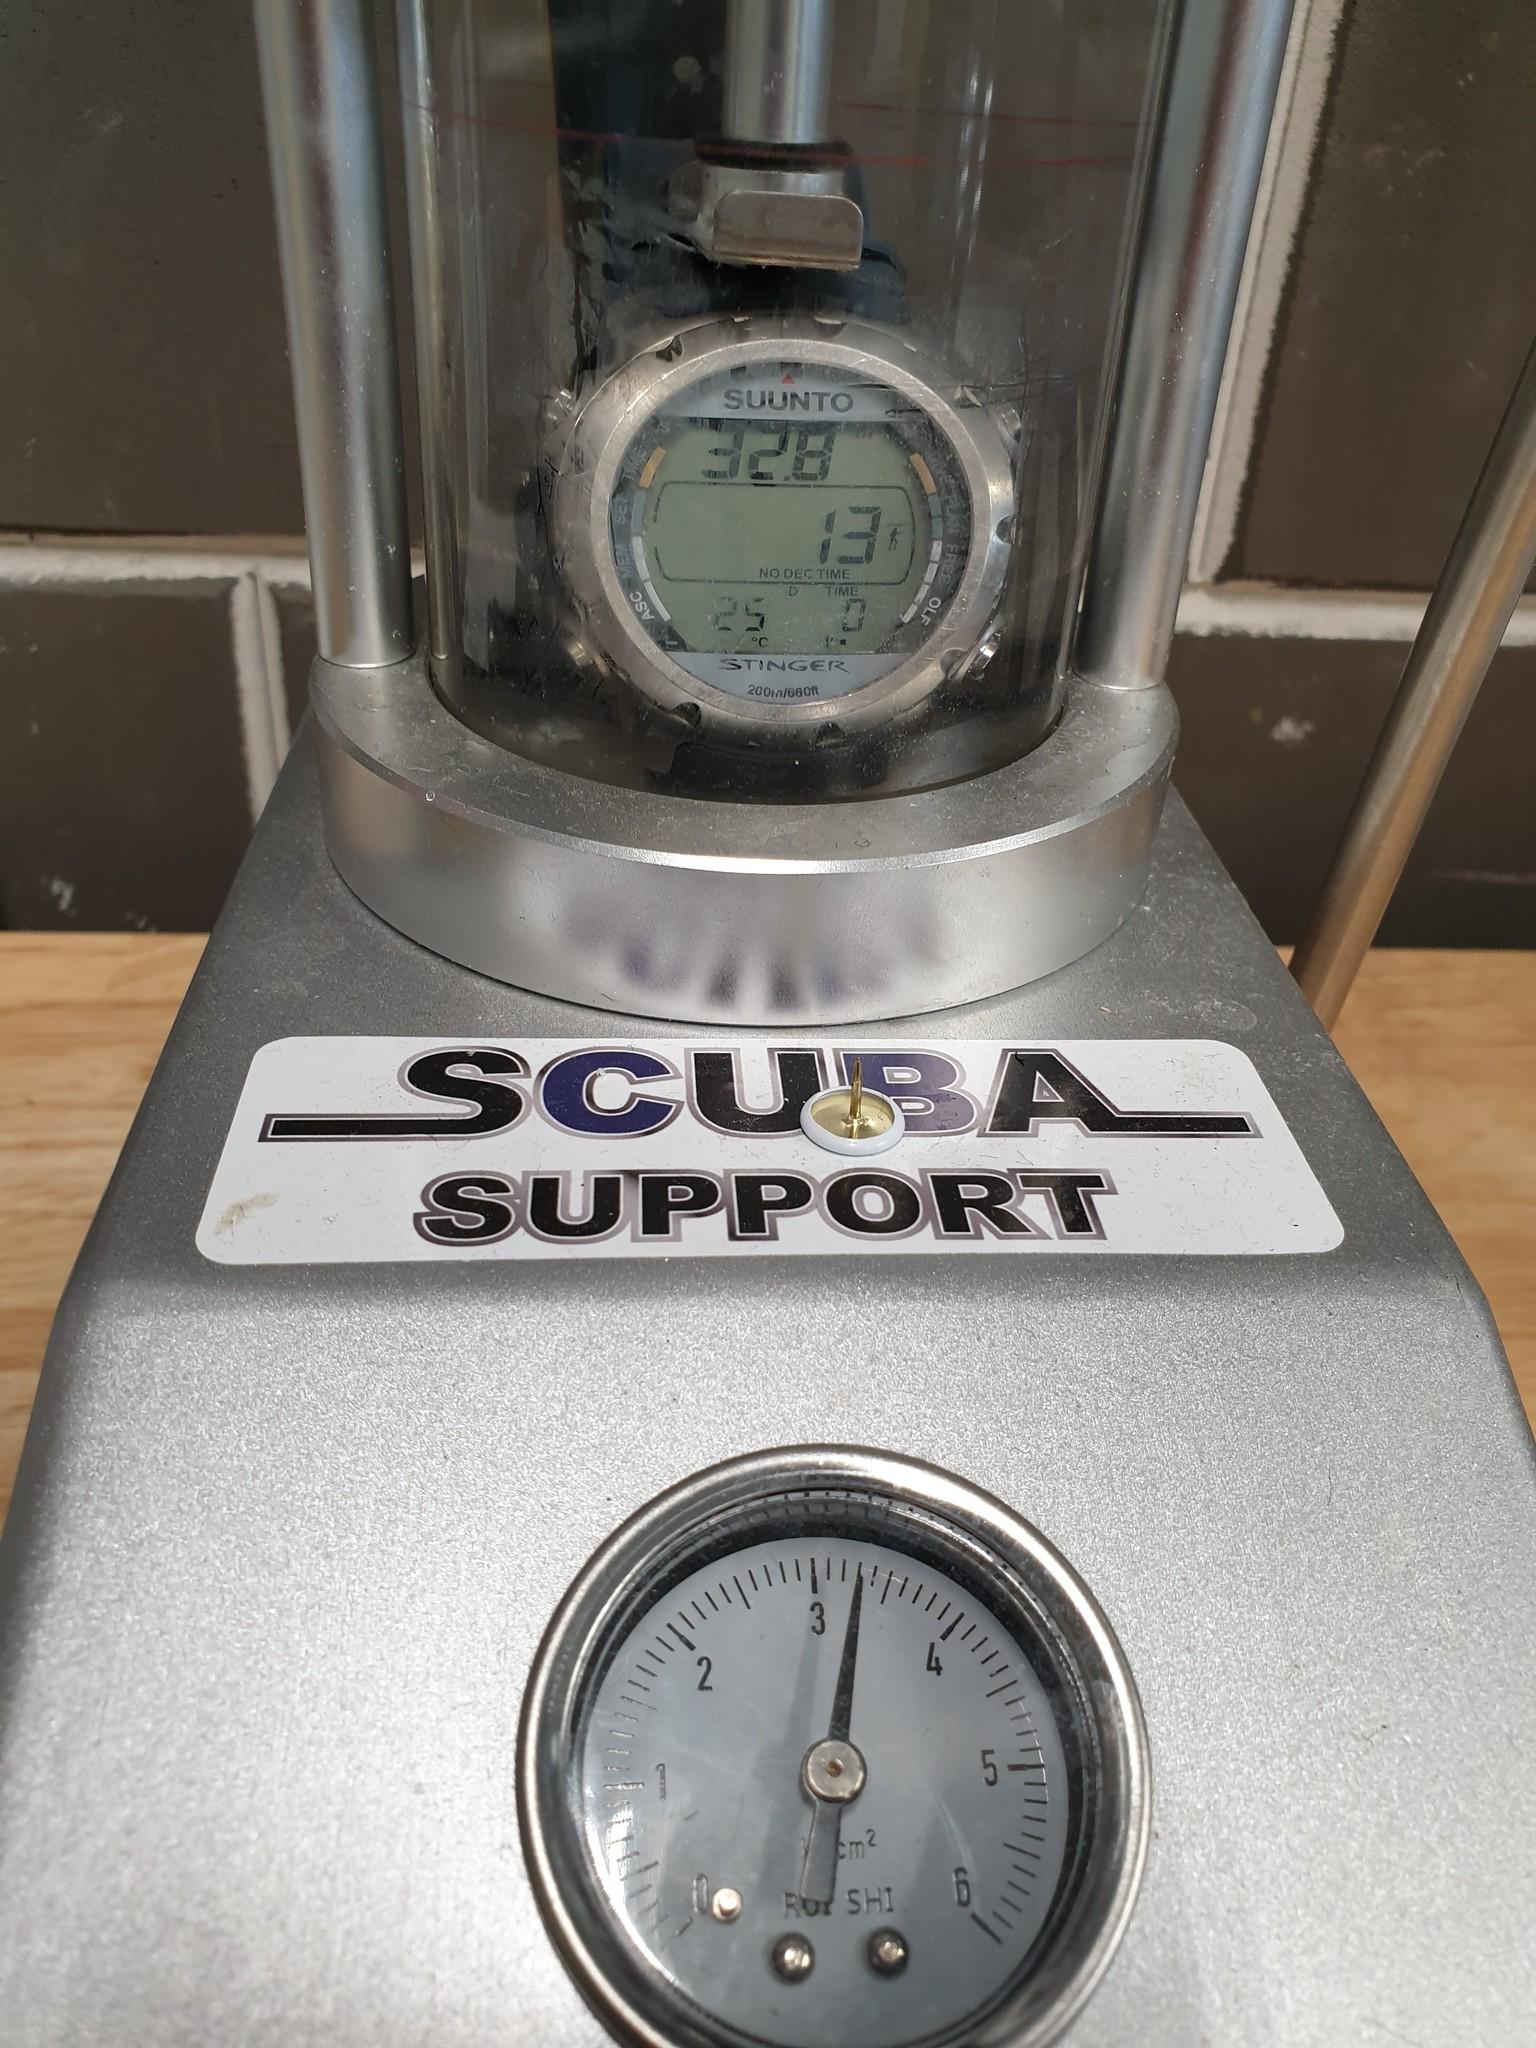 Duikhorloge druktest wordt uitgevoerd na het vervangen van de batterij